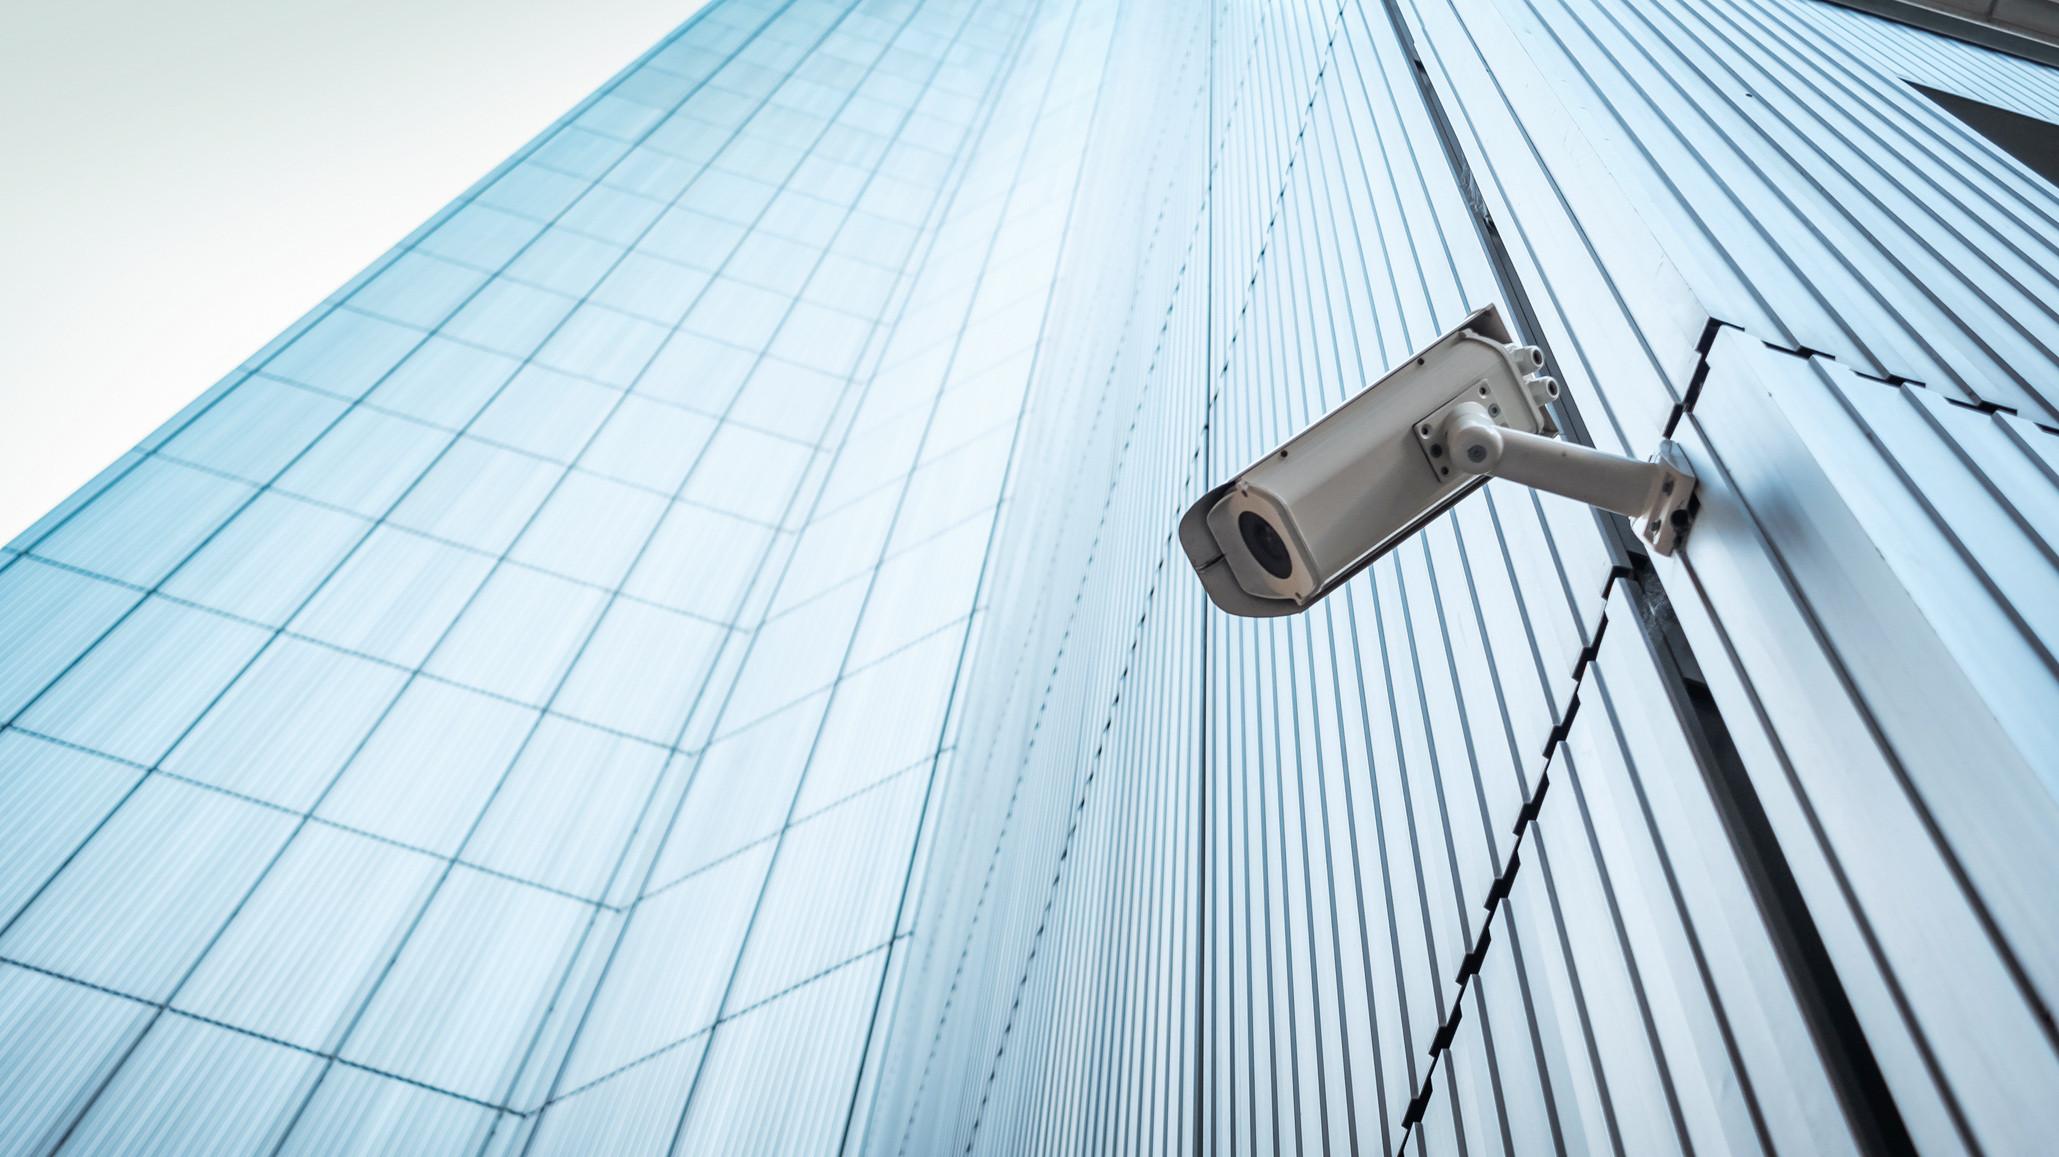 <p>Regulación de videovigilancia: nuevos beneficios y riesgos</p>